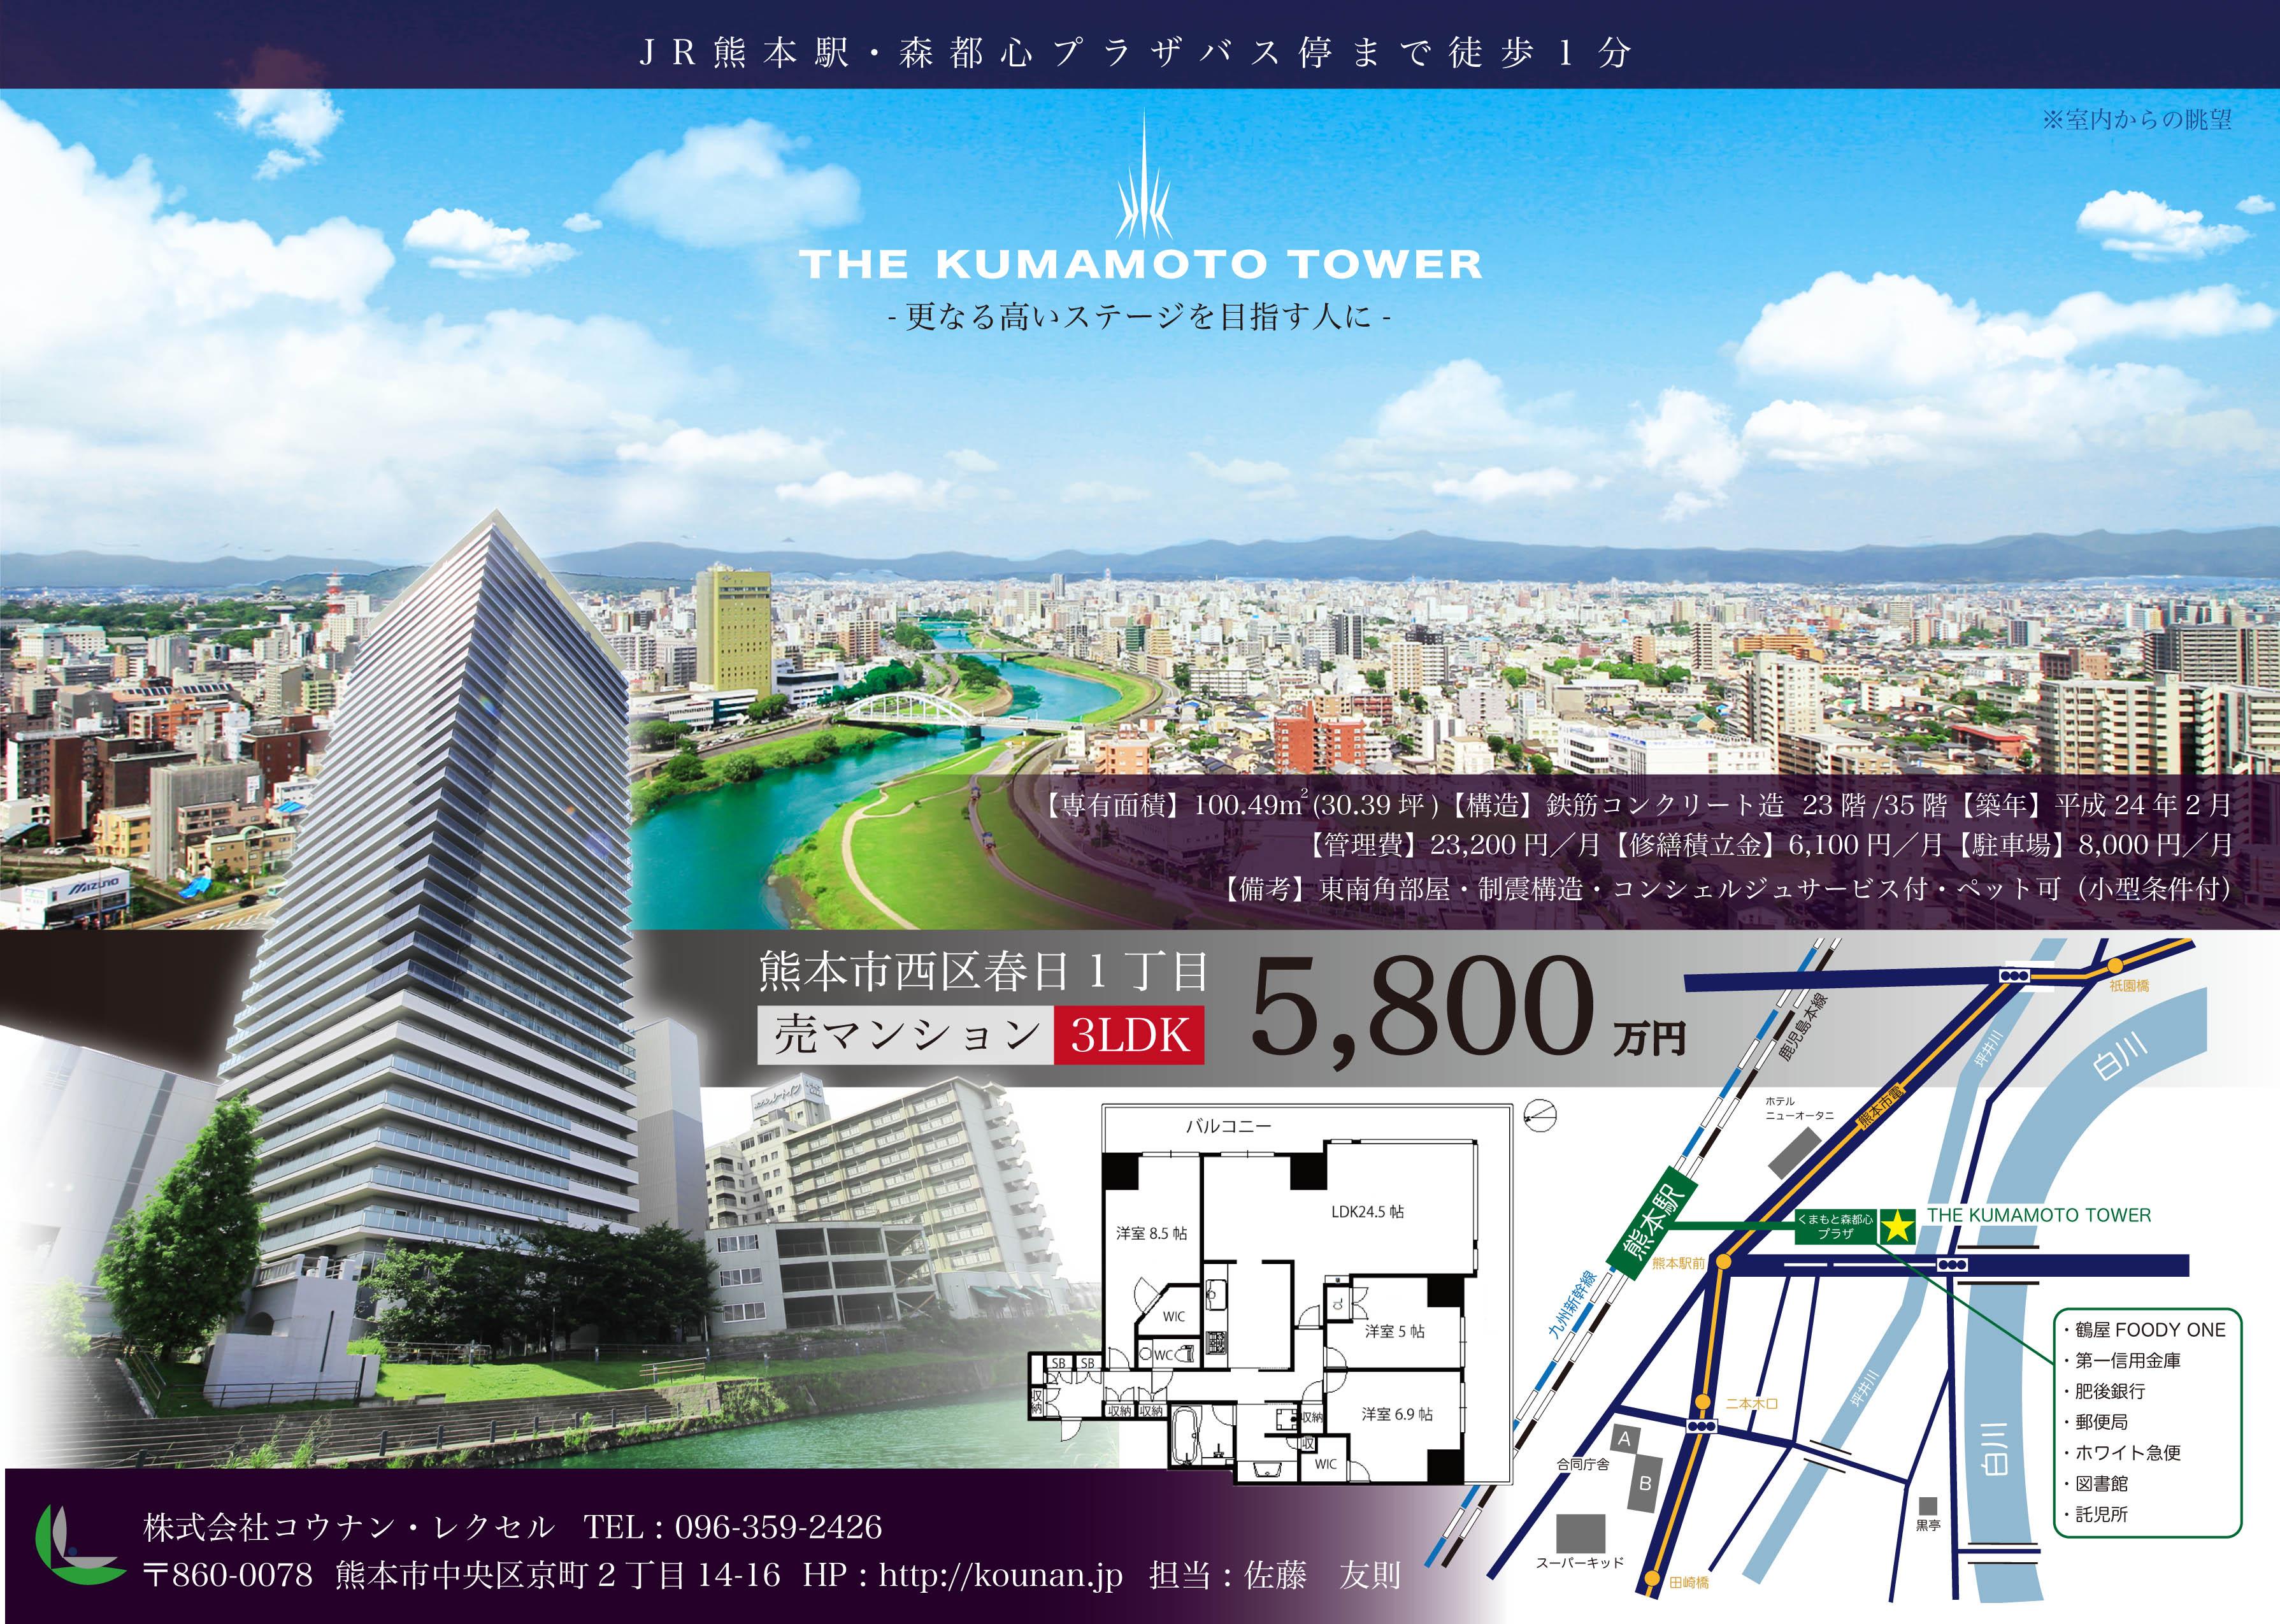 【入稿用】熊本タワー表